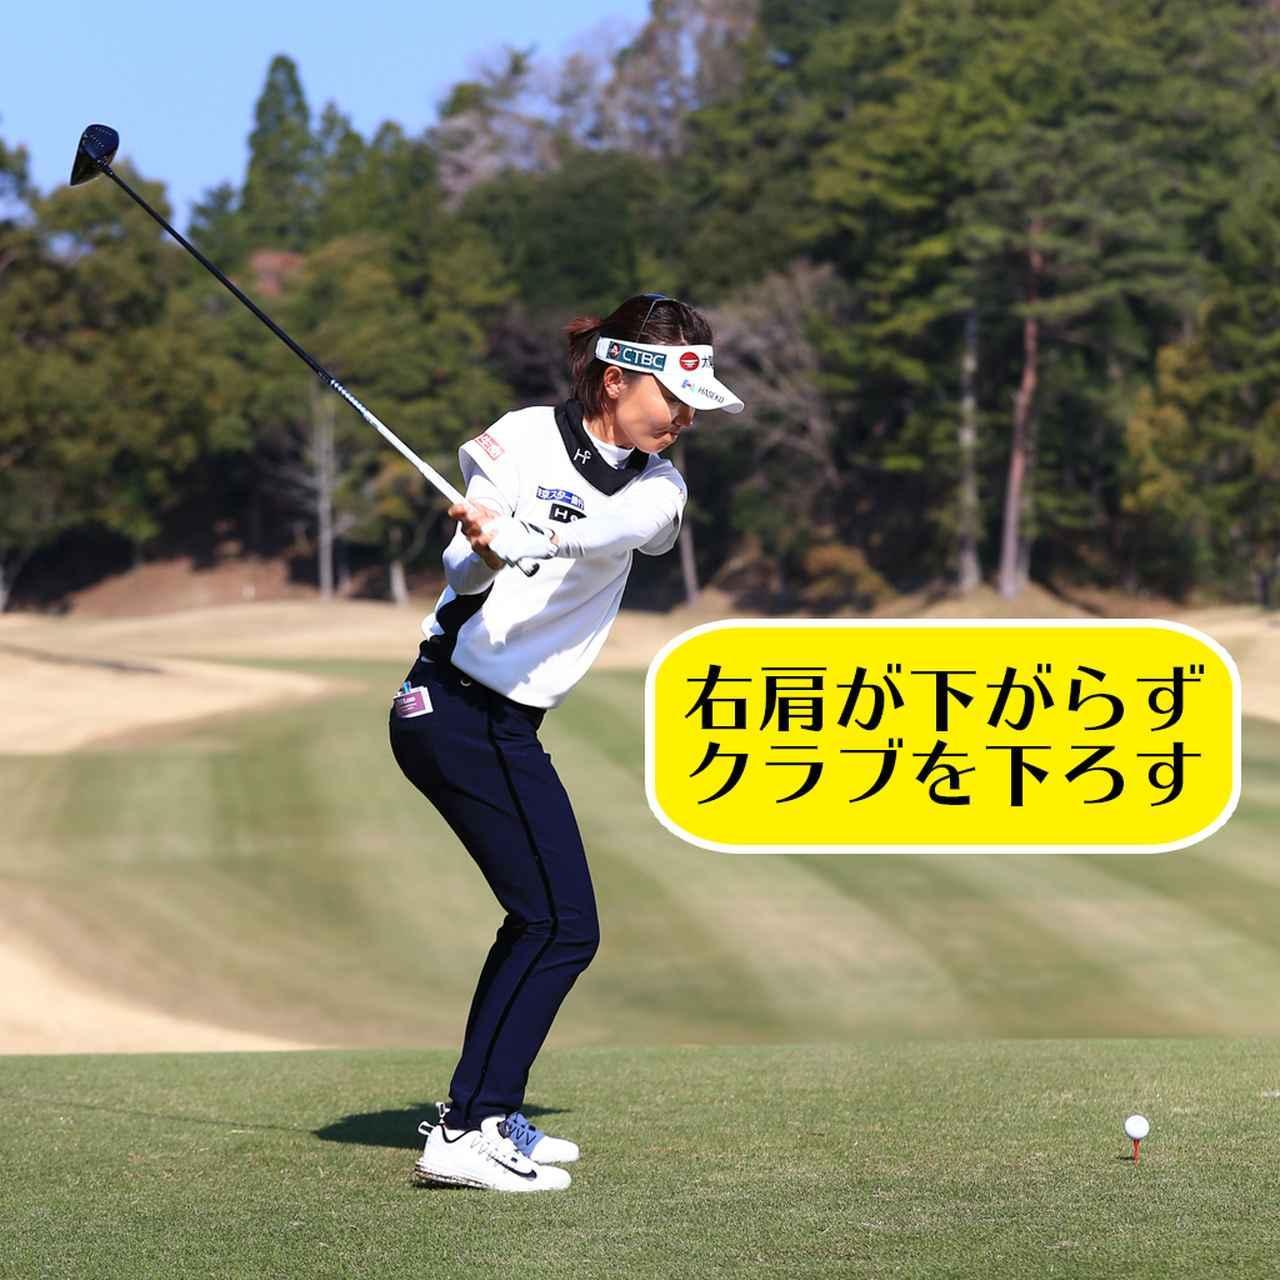 画像5: 【テレサ・ルー】女子プロが選んだベストドライバースウィング。軽く振っても飛ぶ「捻転力」の秘密